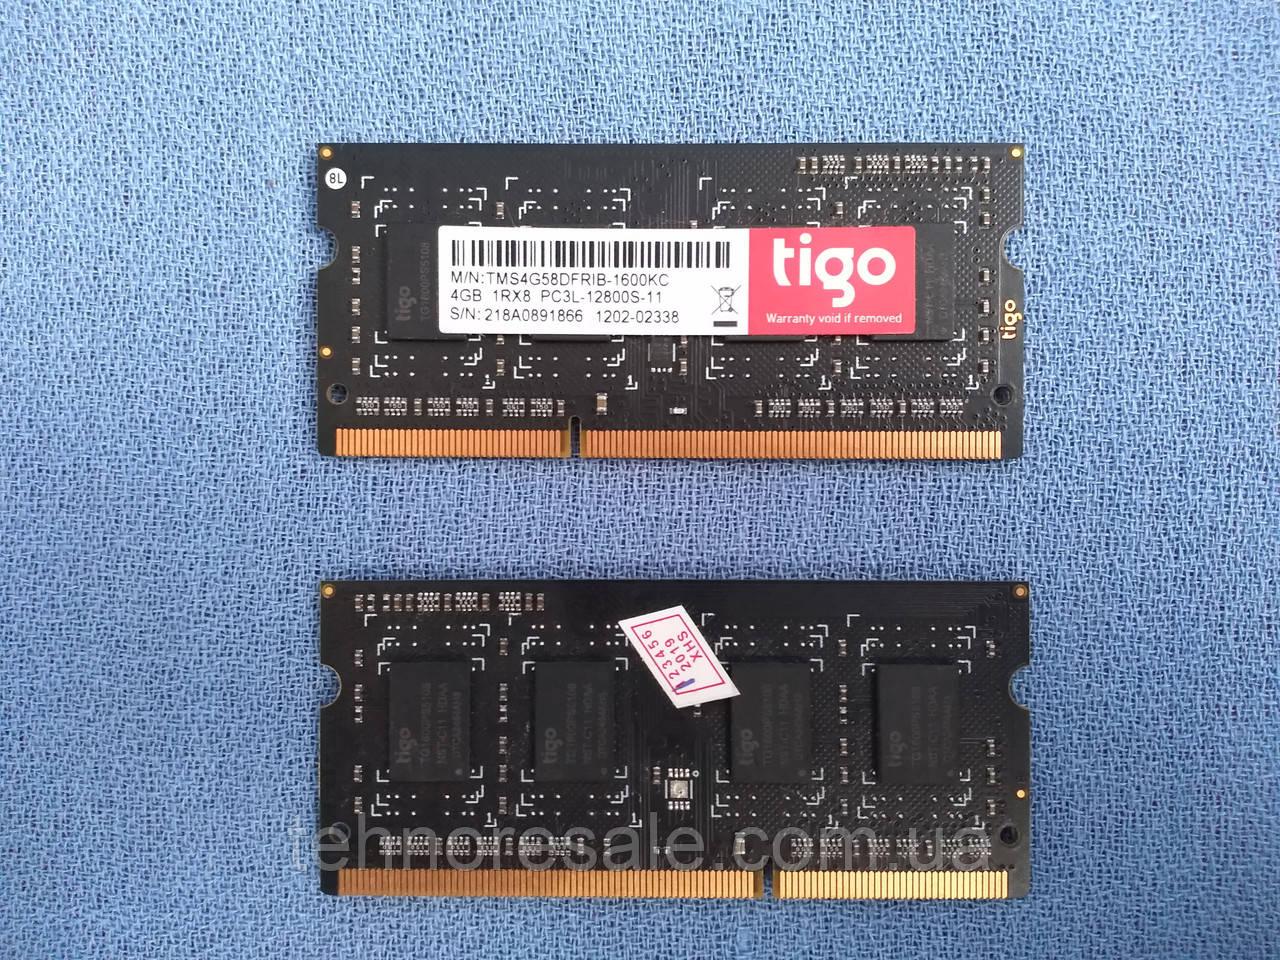 Оперативная память SODIMM DDR3 4Gb x 1, 1600 MHz, CL11, для ноутбуков, для моноблоков